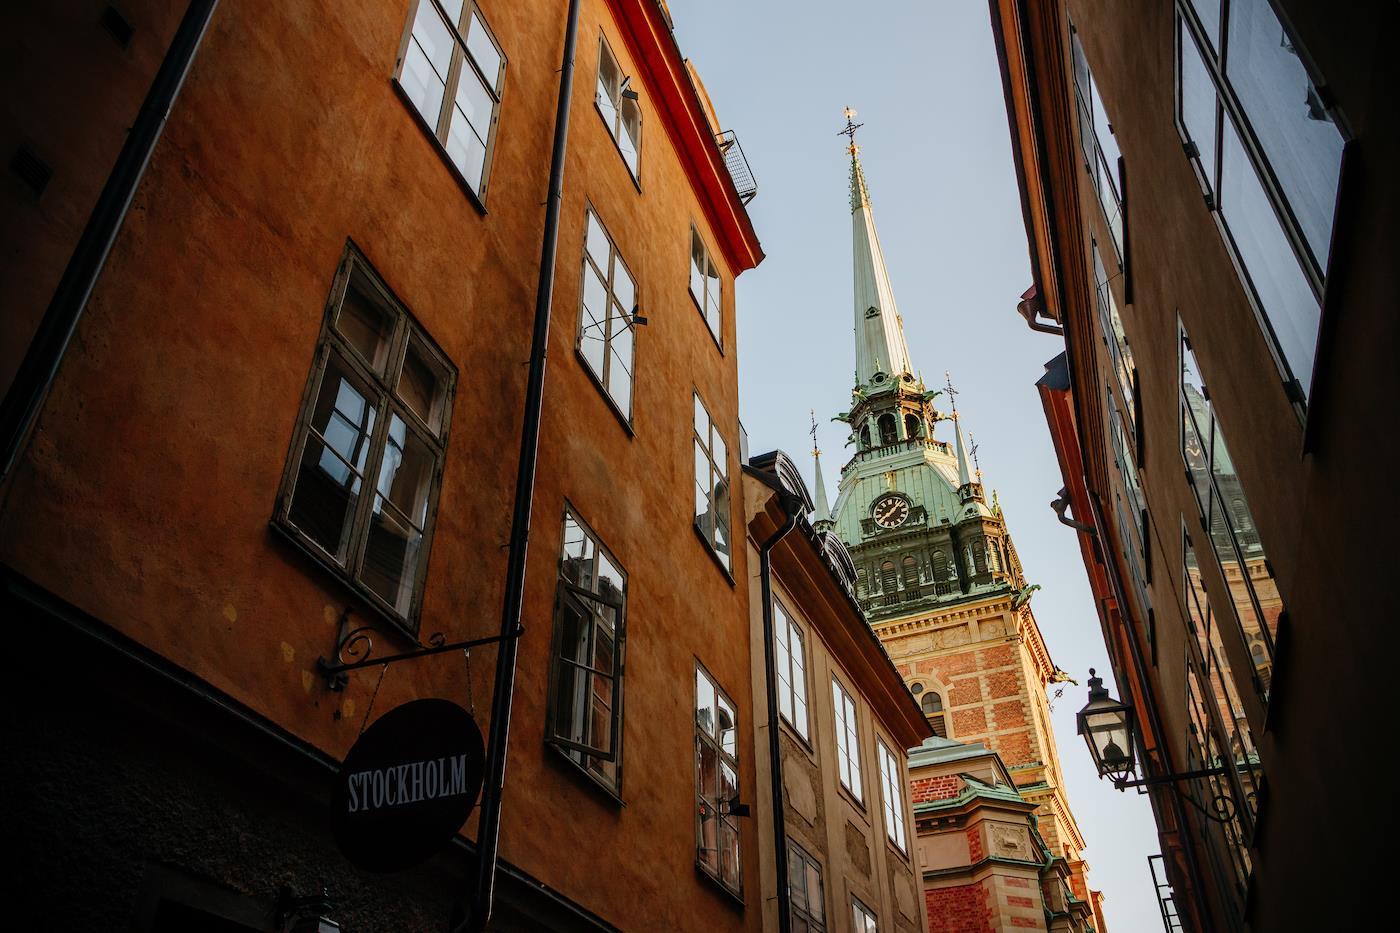 Stockholm-Free-Walking-Tour-Old-Town-4